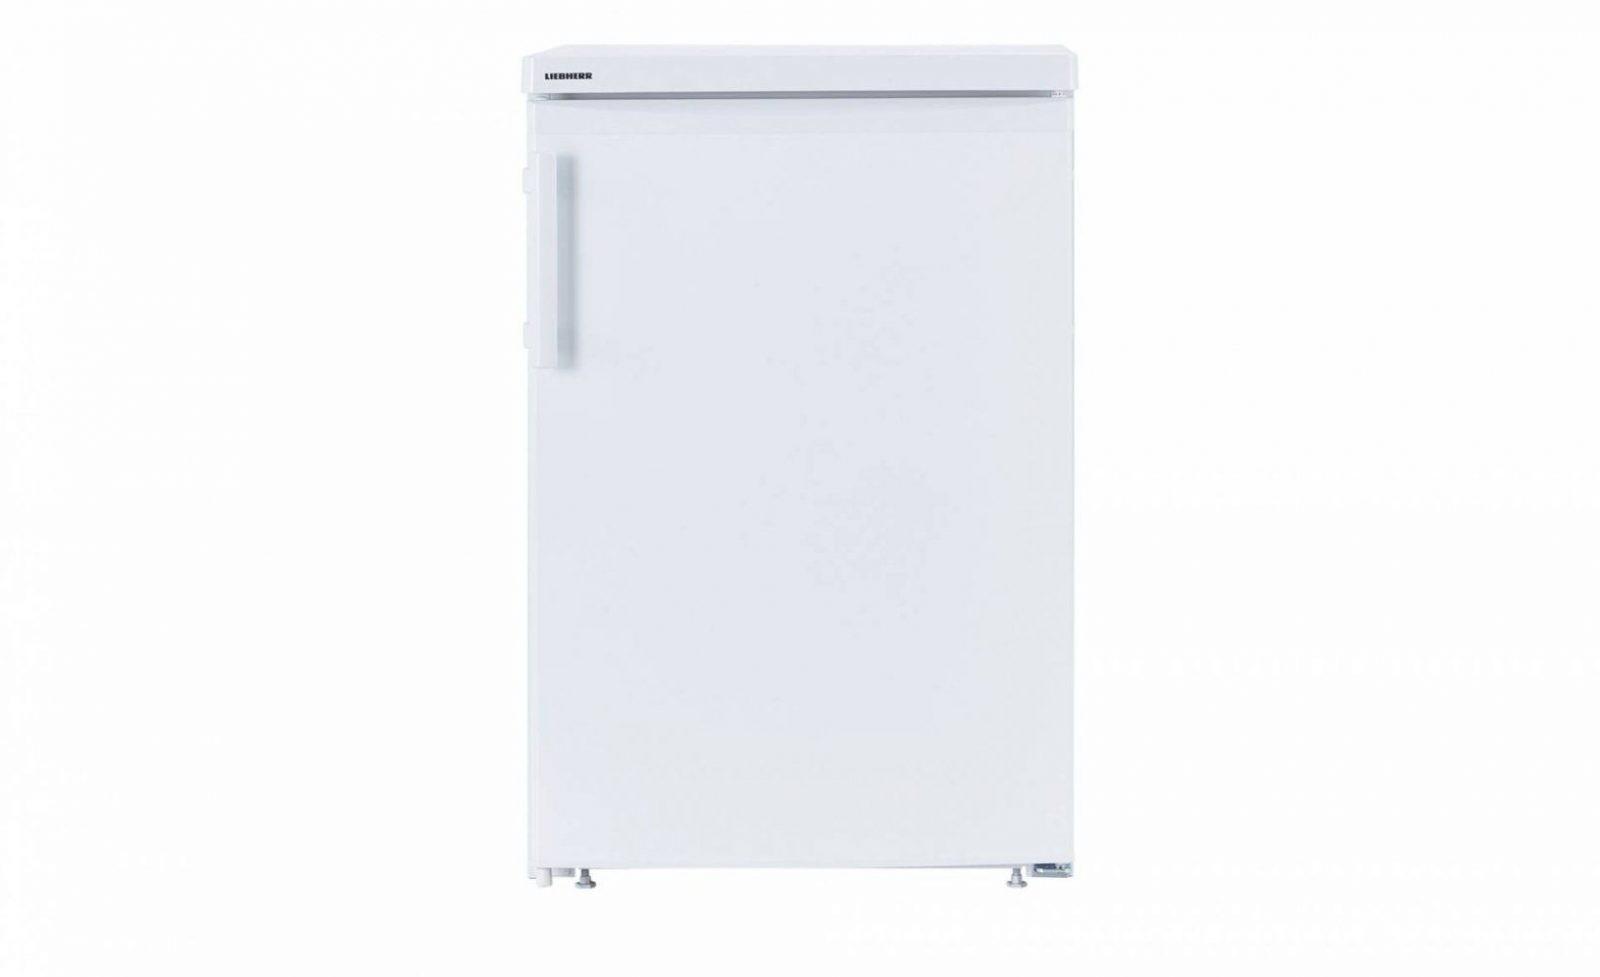 Nett Ersatzteile Für Liebherr Kühlschränke Galerie von Ersatzteile Für Liebherr Kühlschrank Photo